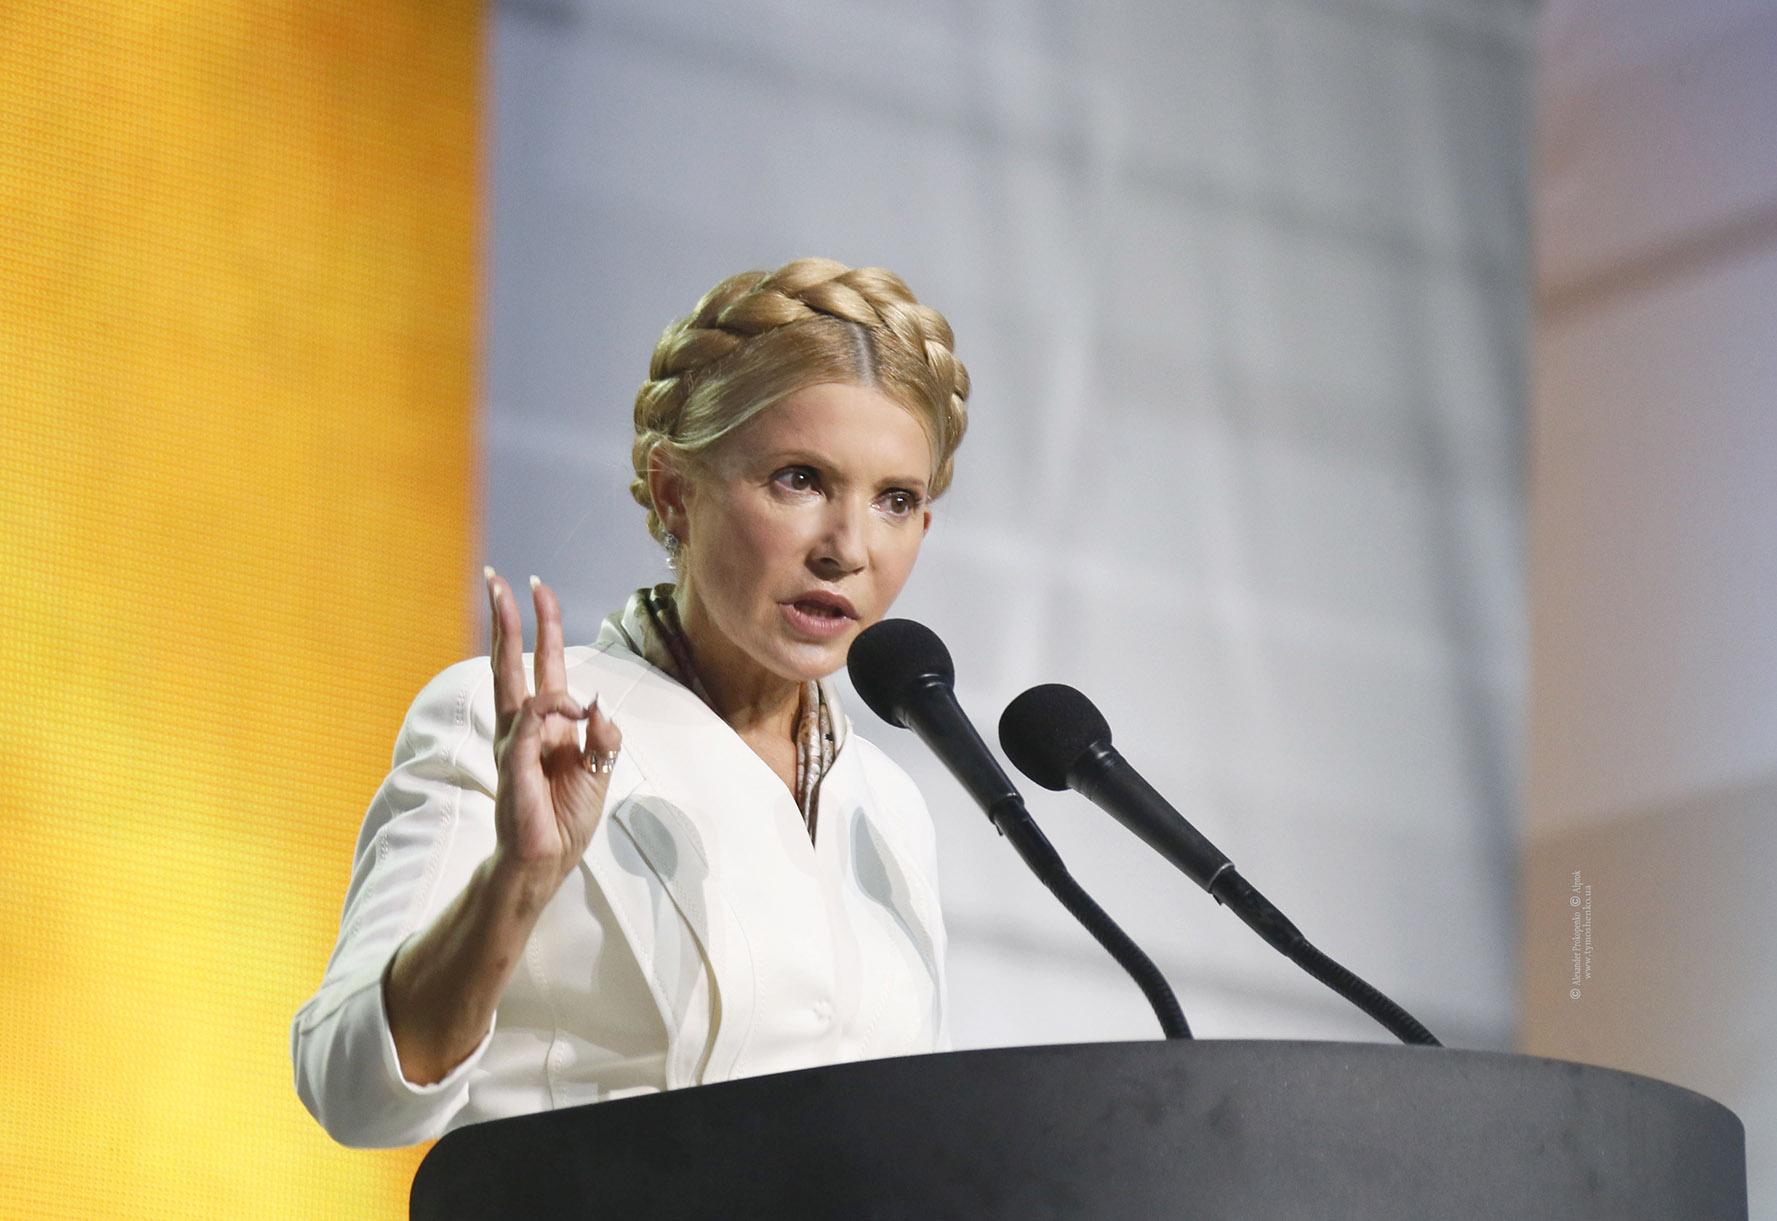 Порошенко пытается еще больше расколоть общество своими плакатами - Тимошенко